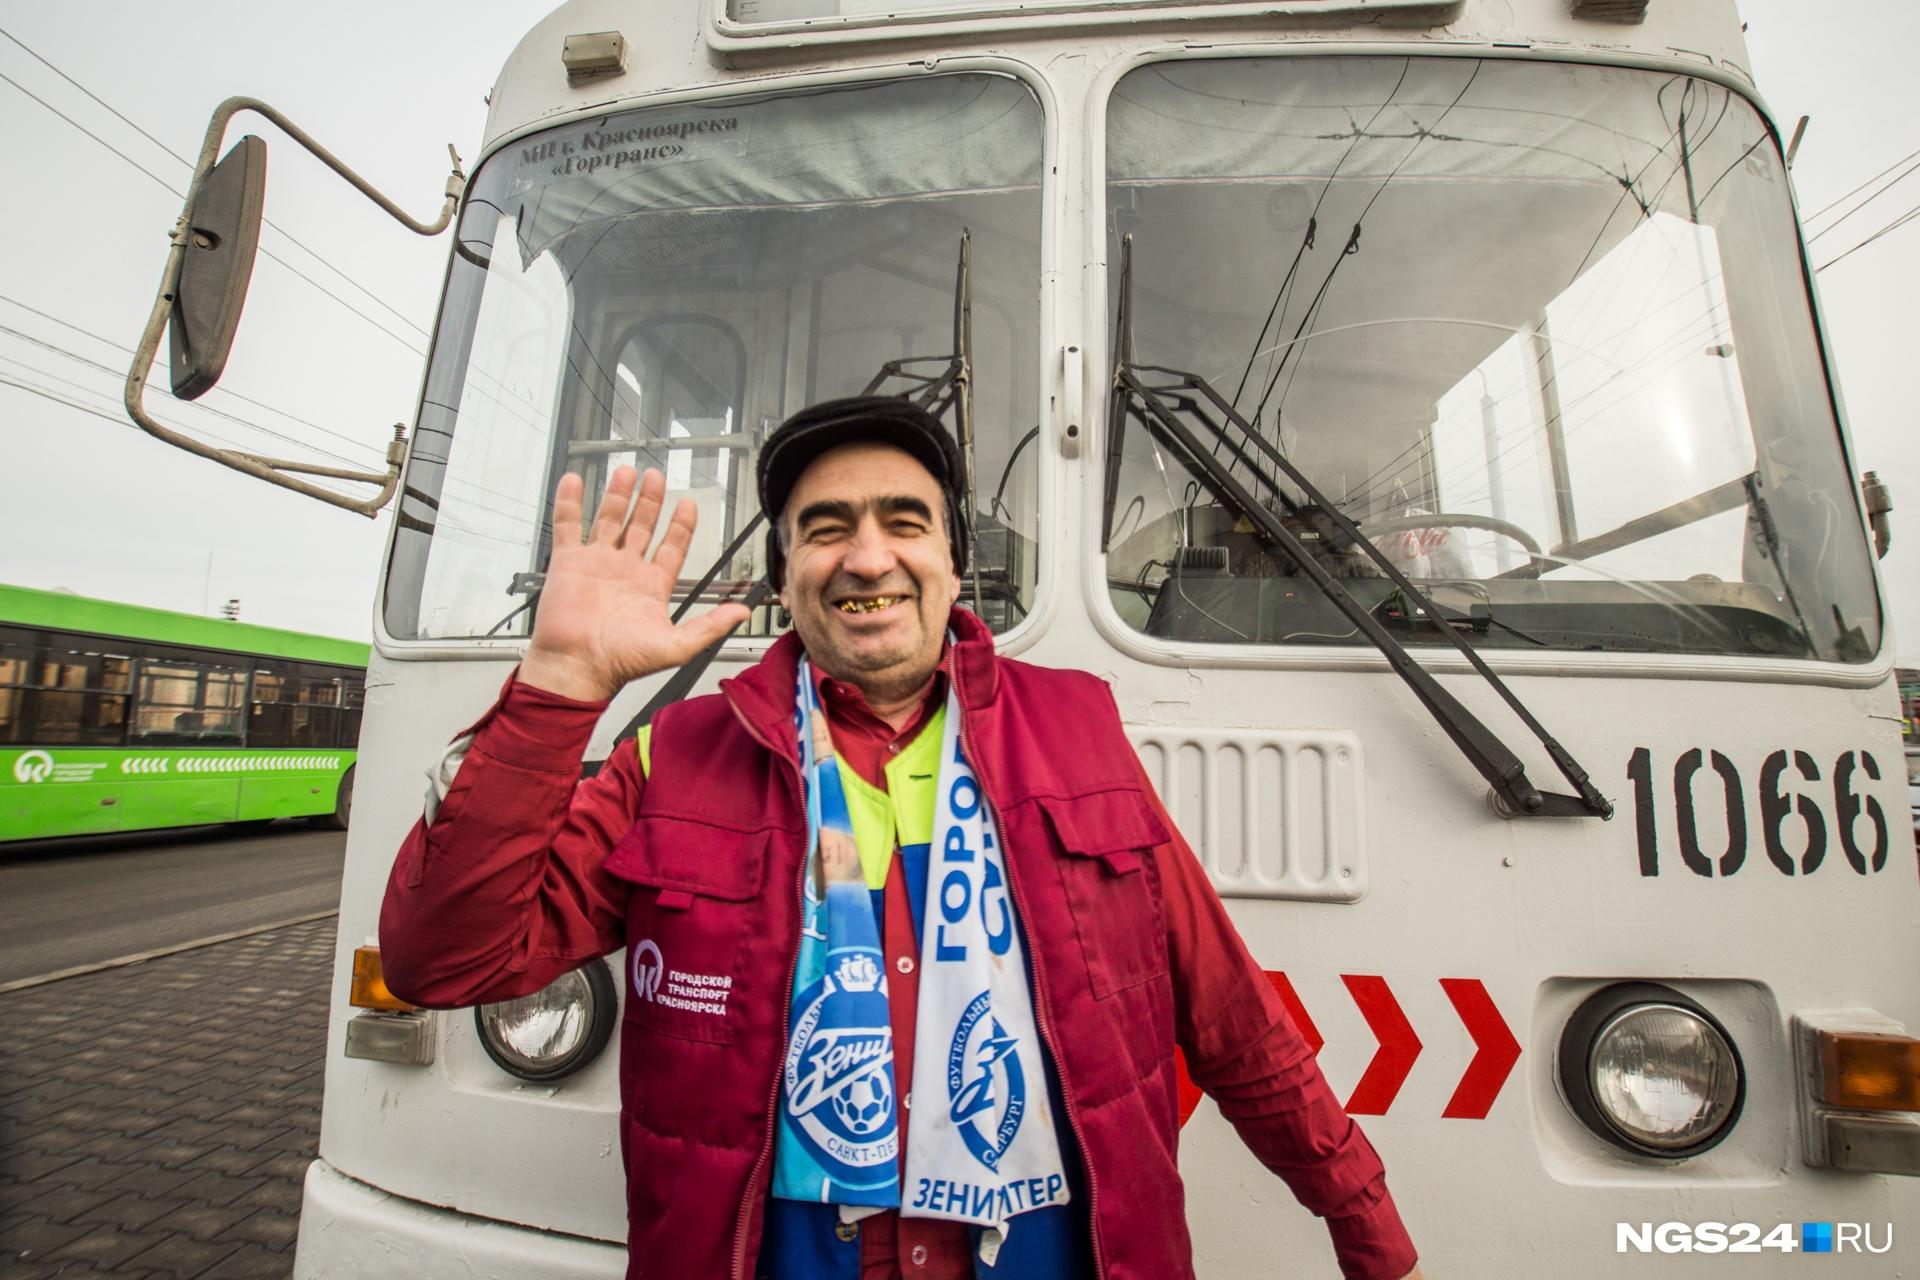 Юсеф работает водителем троллейбуса почти 30 лет. Все время разговора он излучал оптимизм, грустные нотки у водителя проснулись, только когда речь зашла о состоянии парка троллейбусов